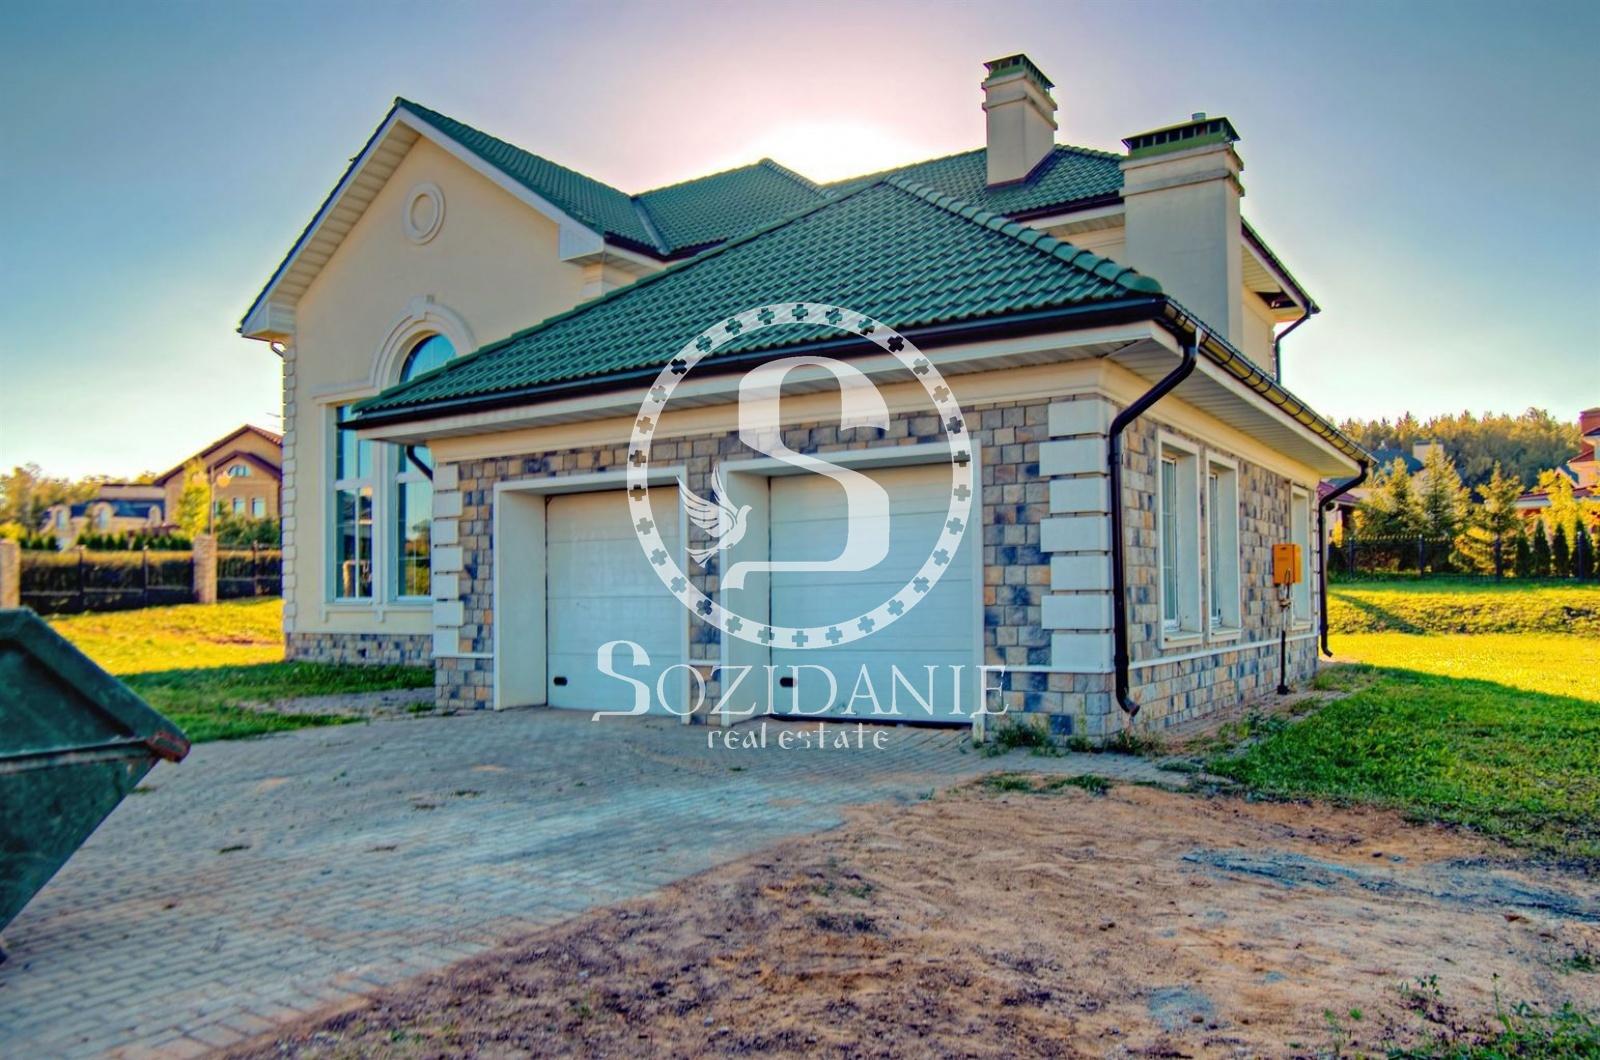 3 Bedrooms, Загородная, Продажа, Listing ID 1510, Московская область, Россия,